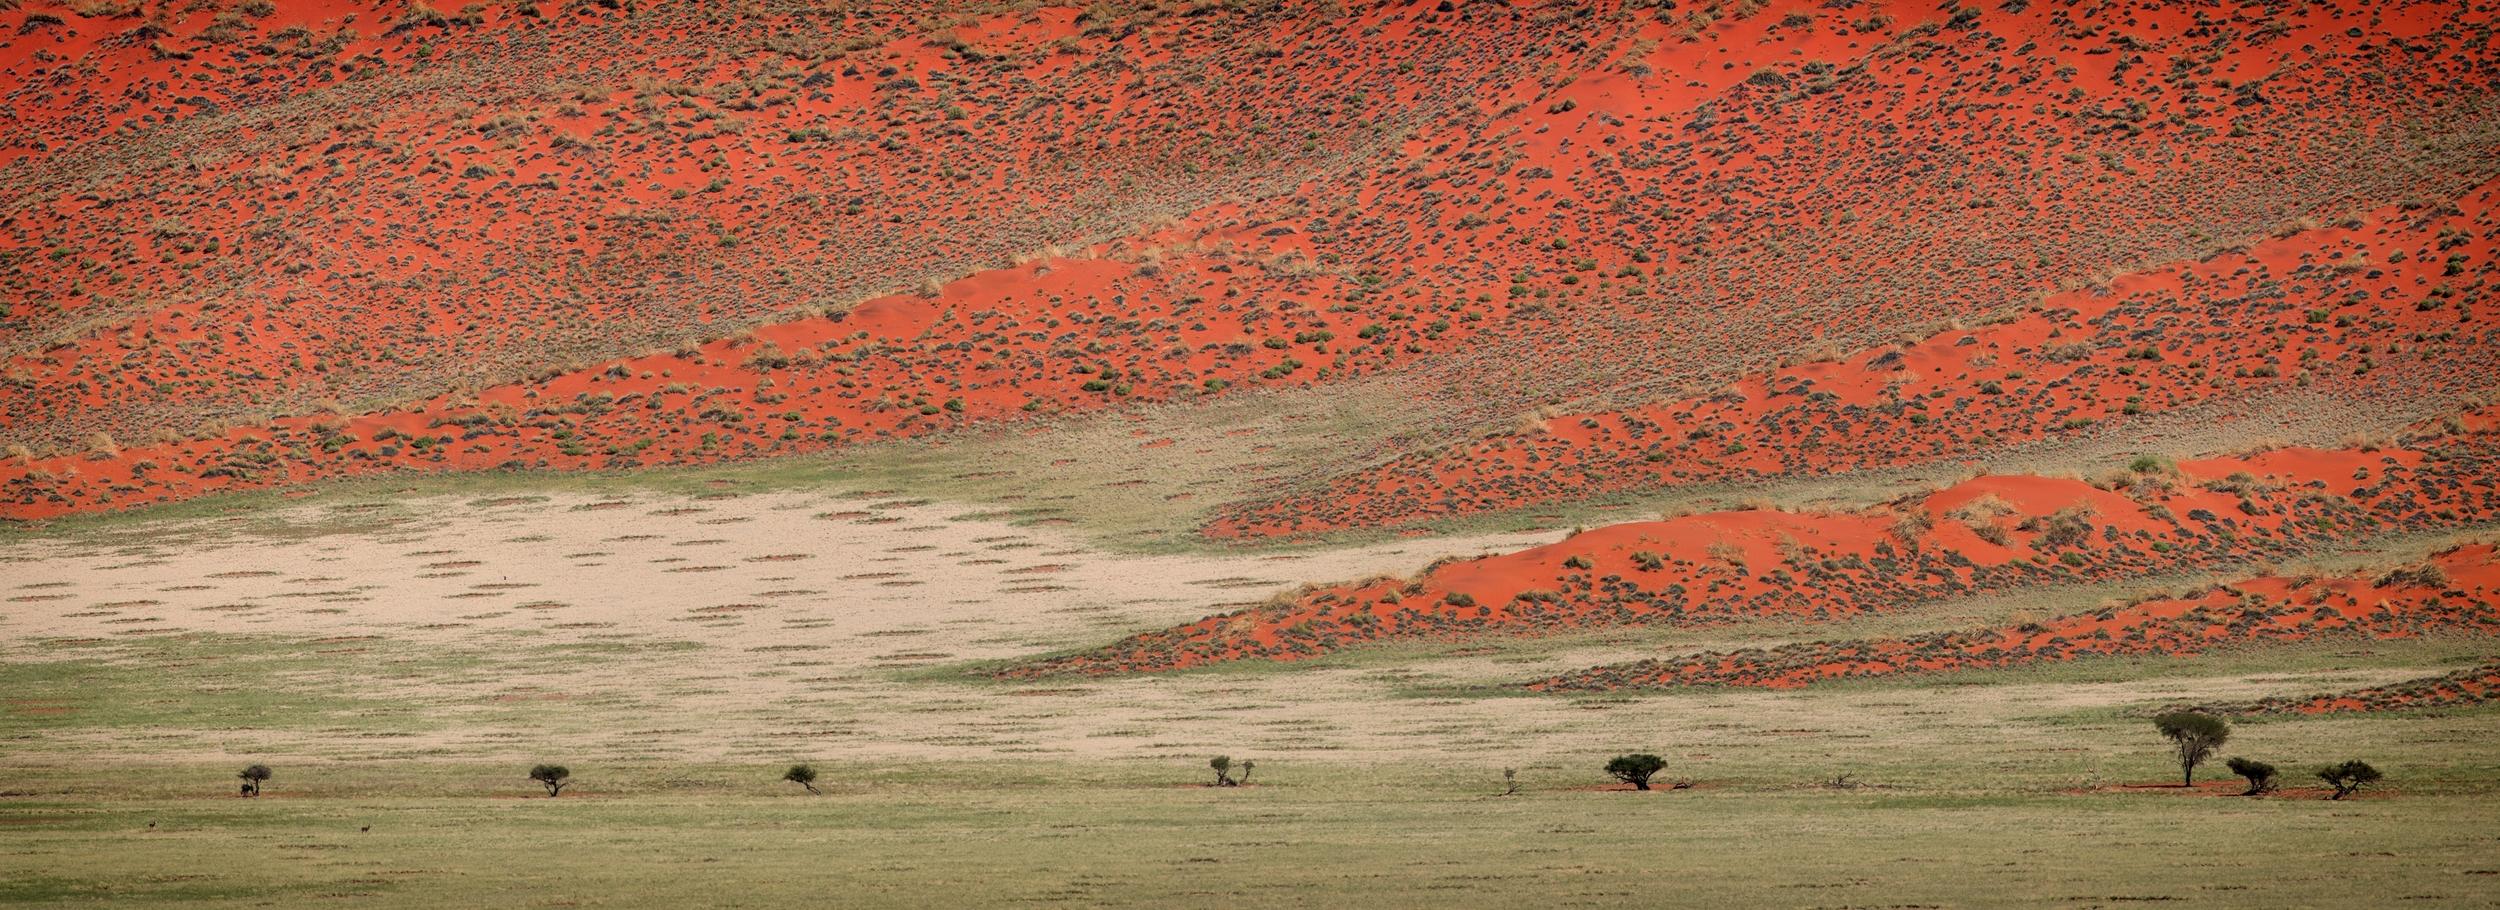 NAMIB RAND, NAMIBIA